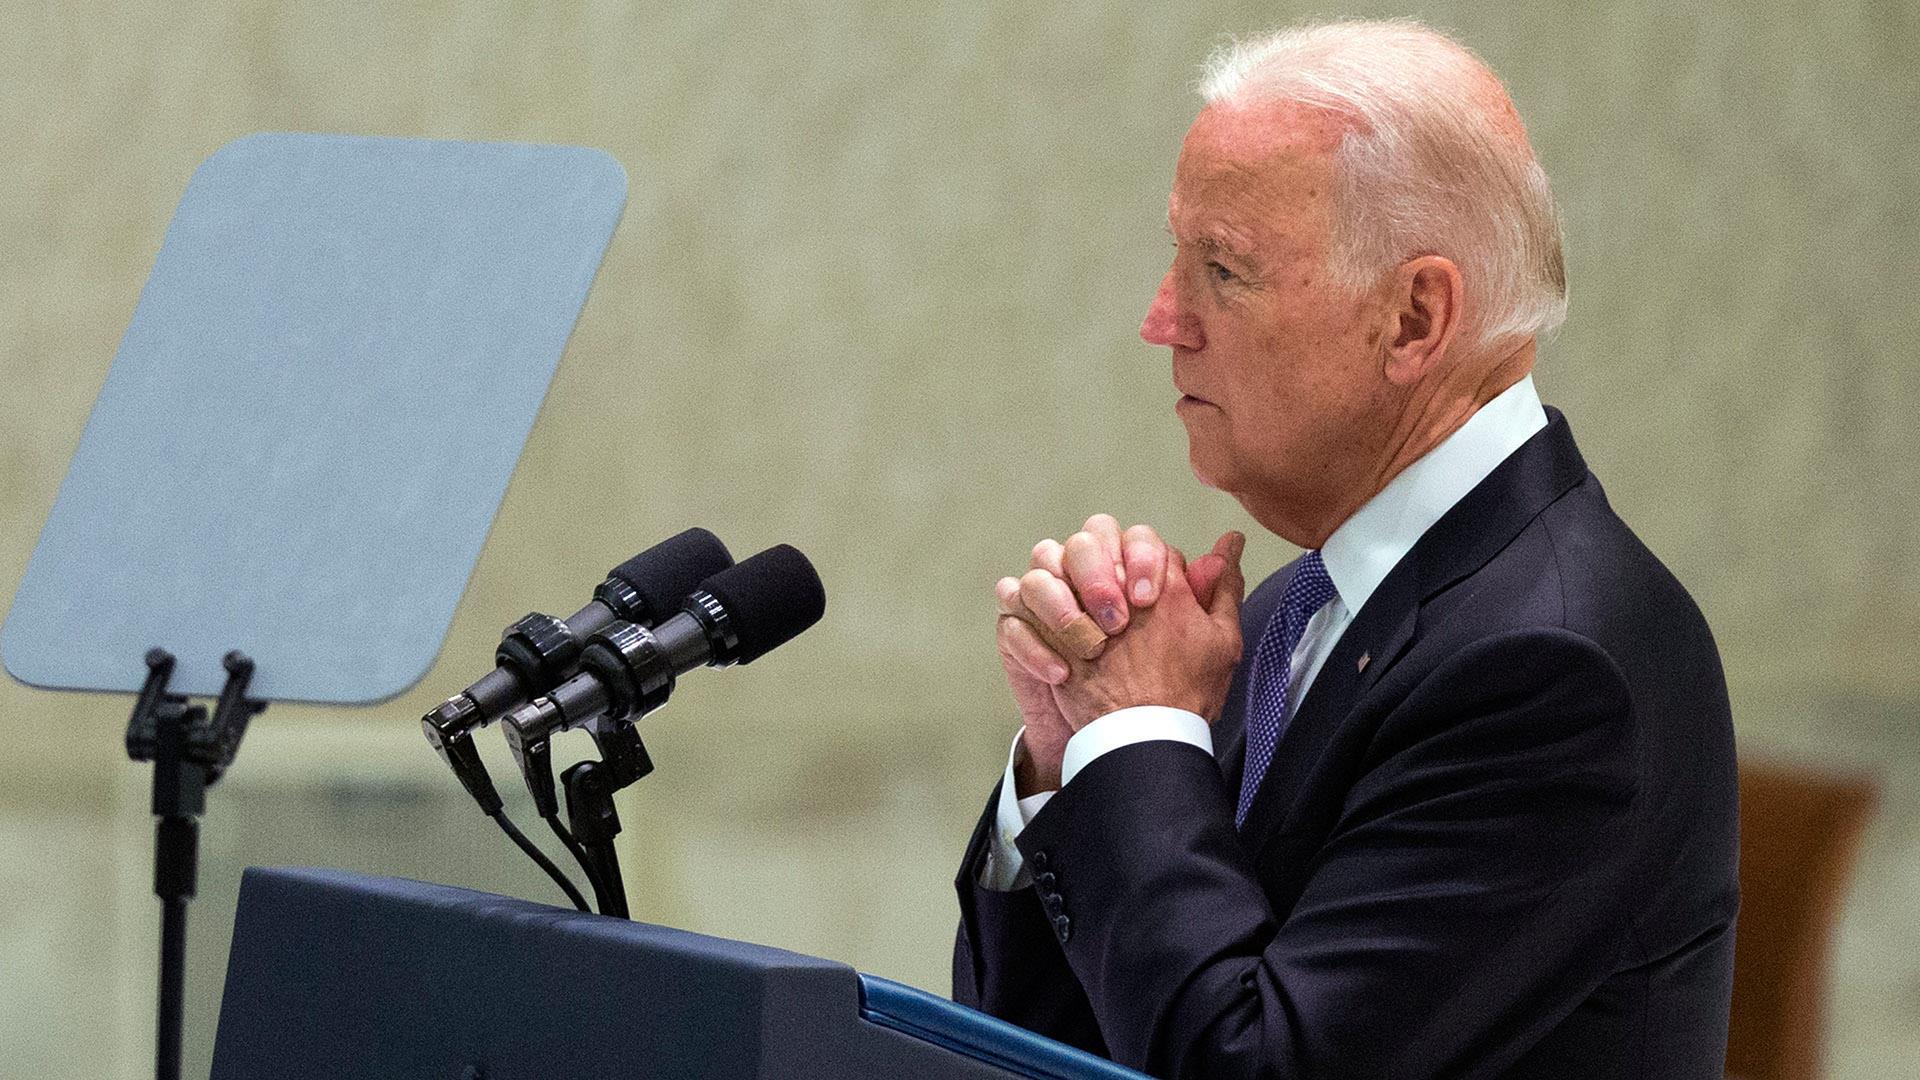 Joe Biden Demands Faster International Action on Cancer Research